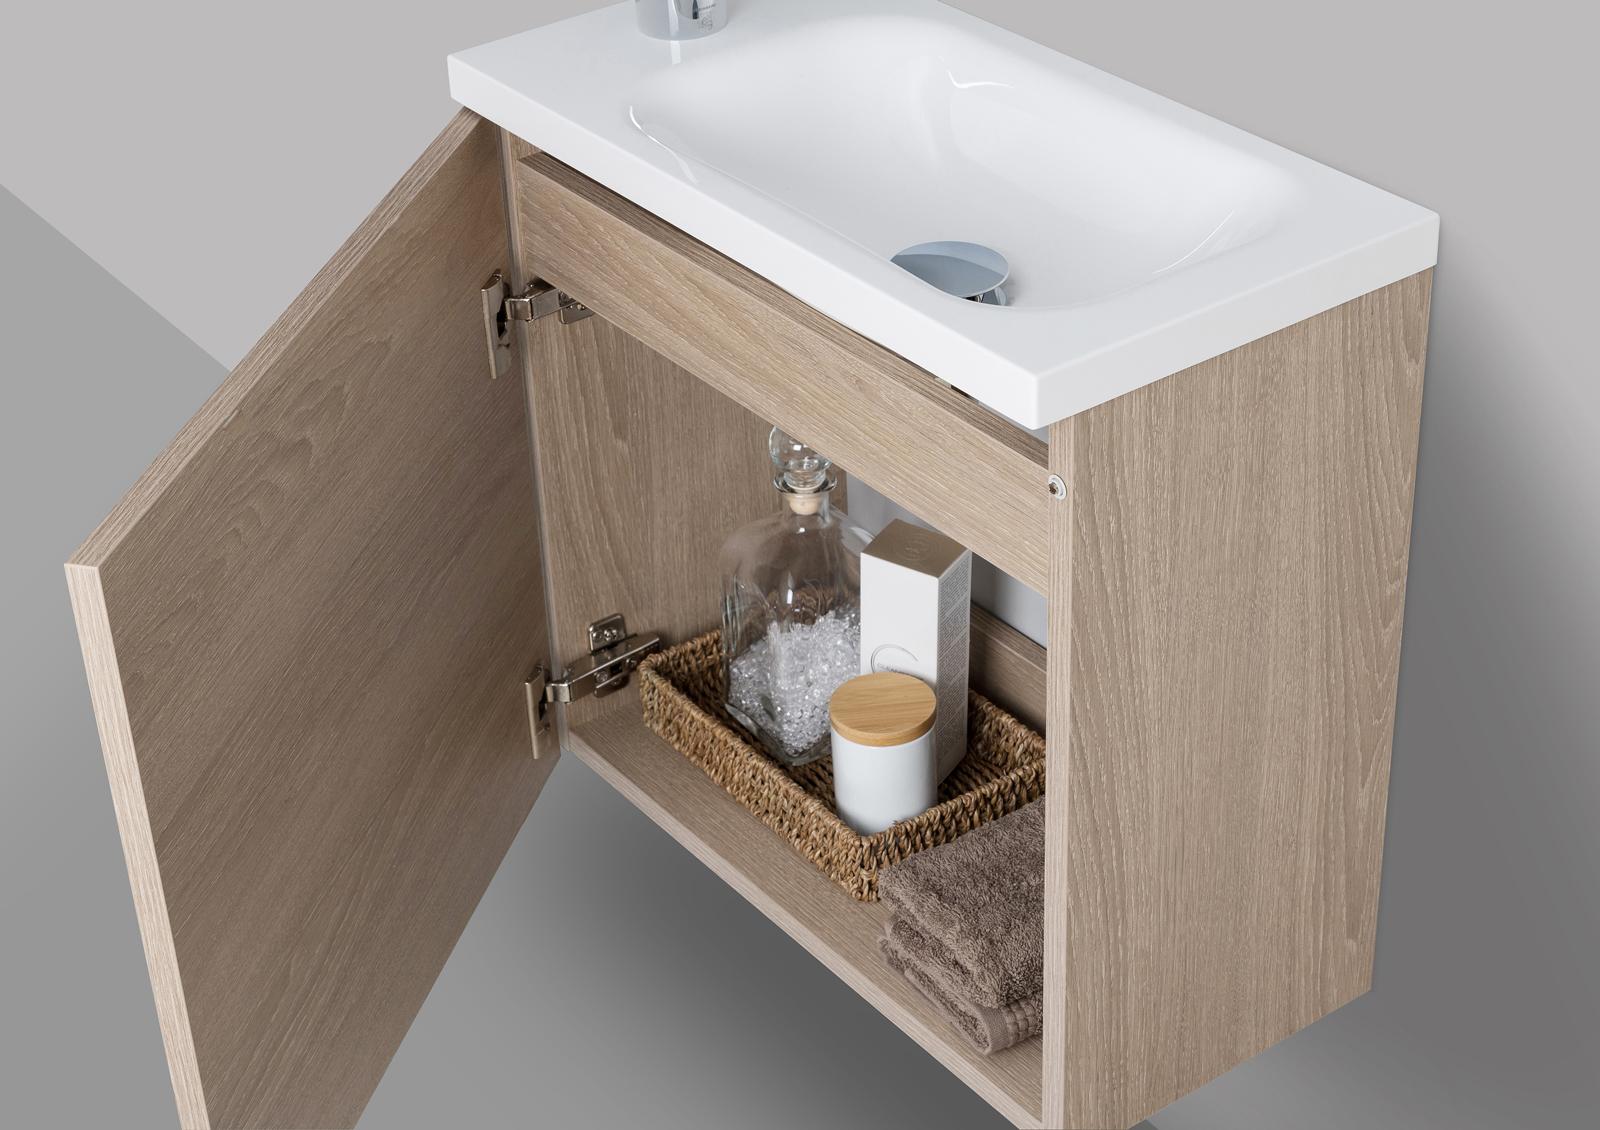 badm bel set rimini g ste wc waschbecken mit led spiegel. Black Bedroom Furniture Sets. Home Design Ideas